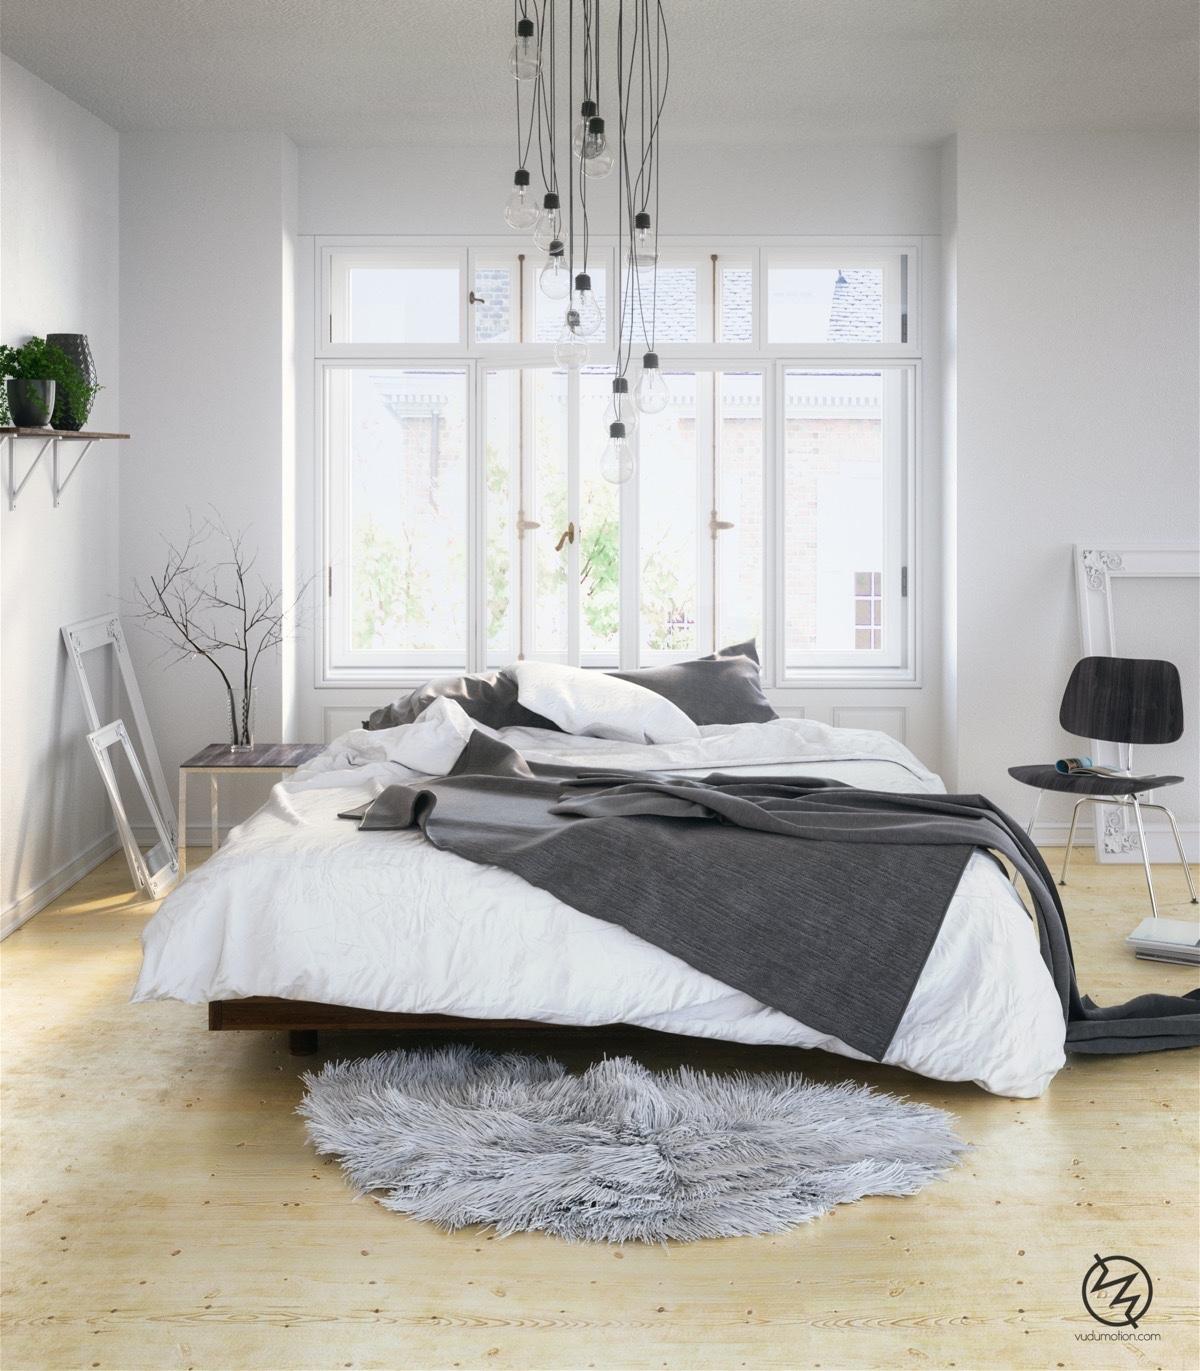 Thiết kế nội thất phòng ngủ phong cách scandinavian – P2